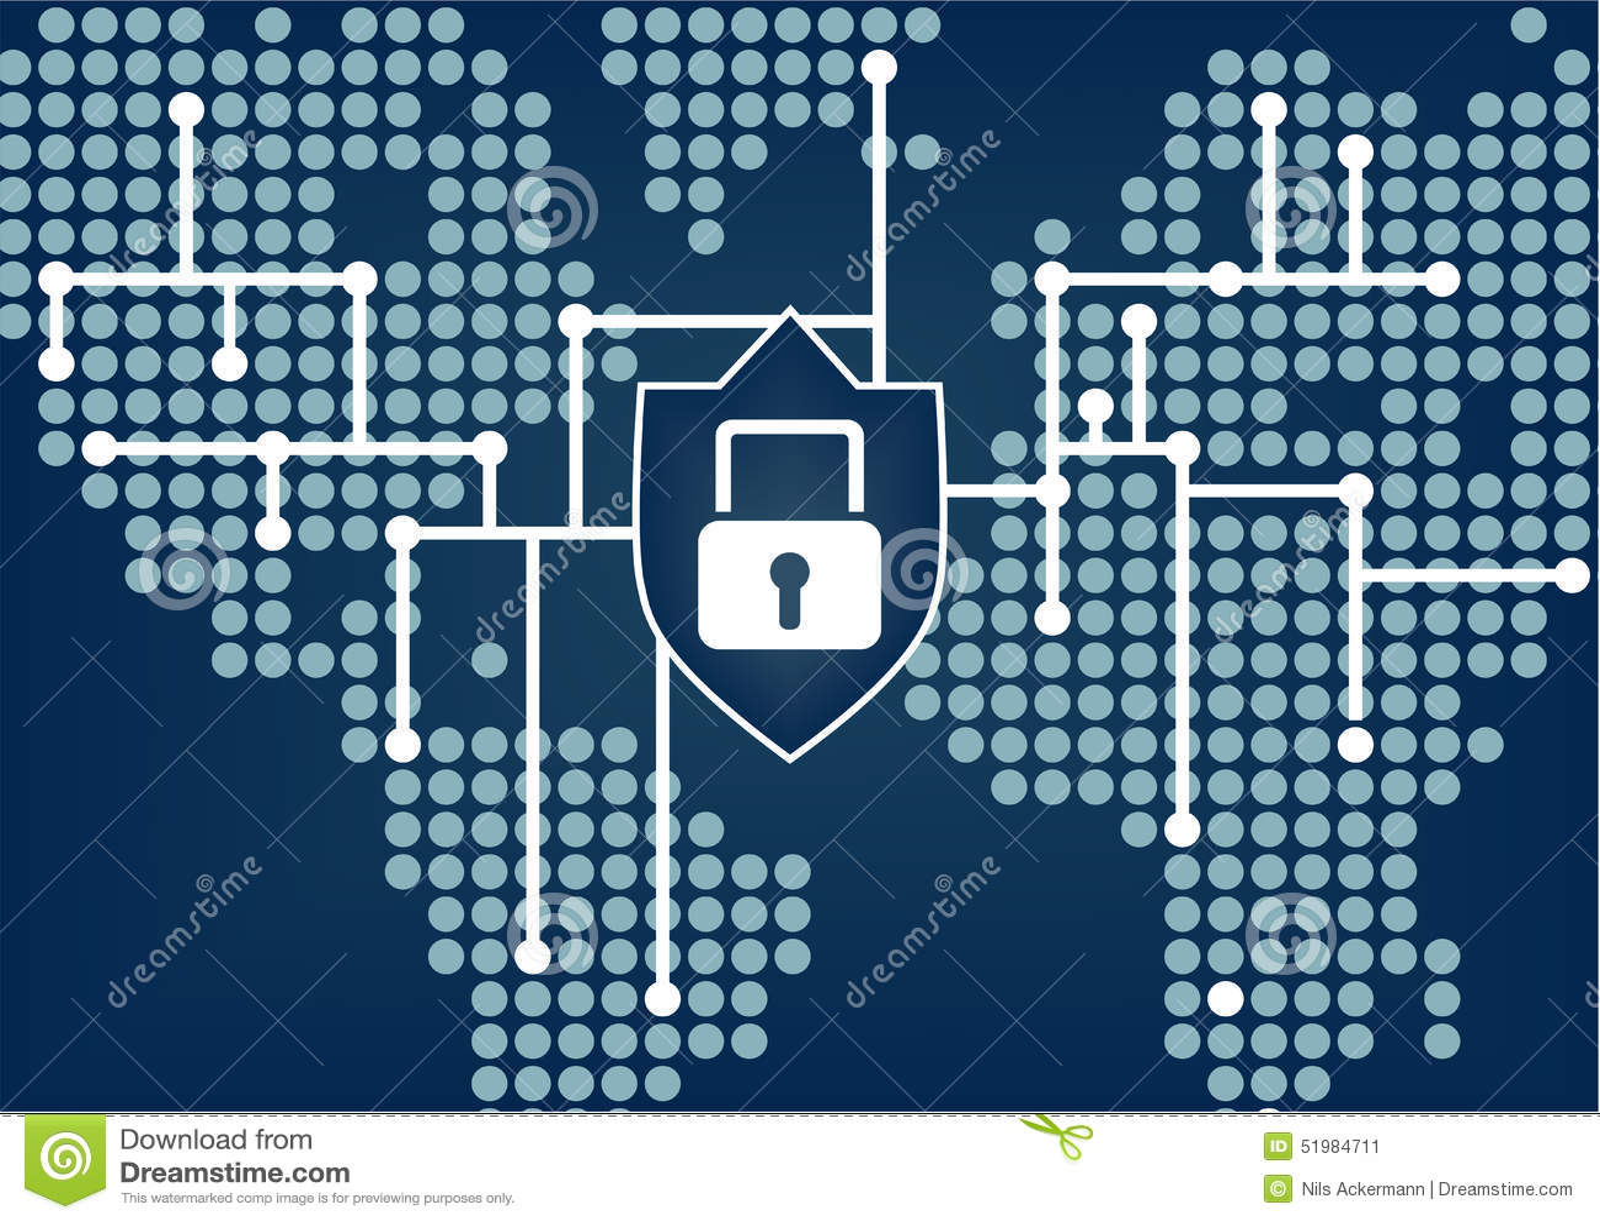 IT-Sicherheit, damit globale Organisation Daten und Netzbrüche verhindert